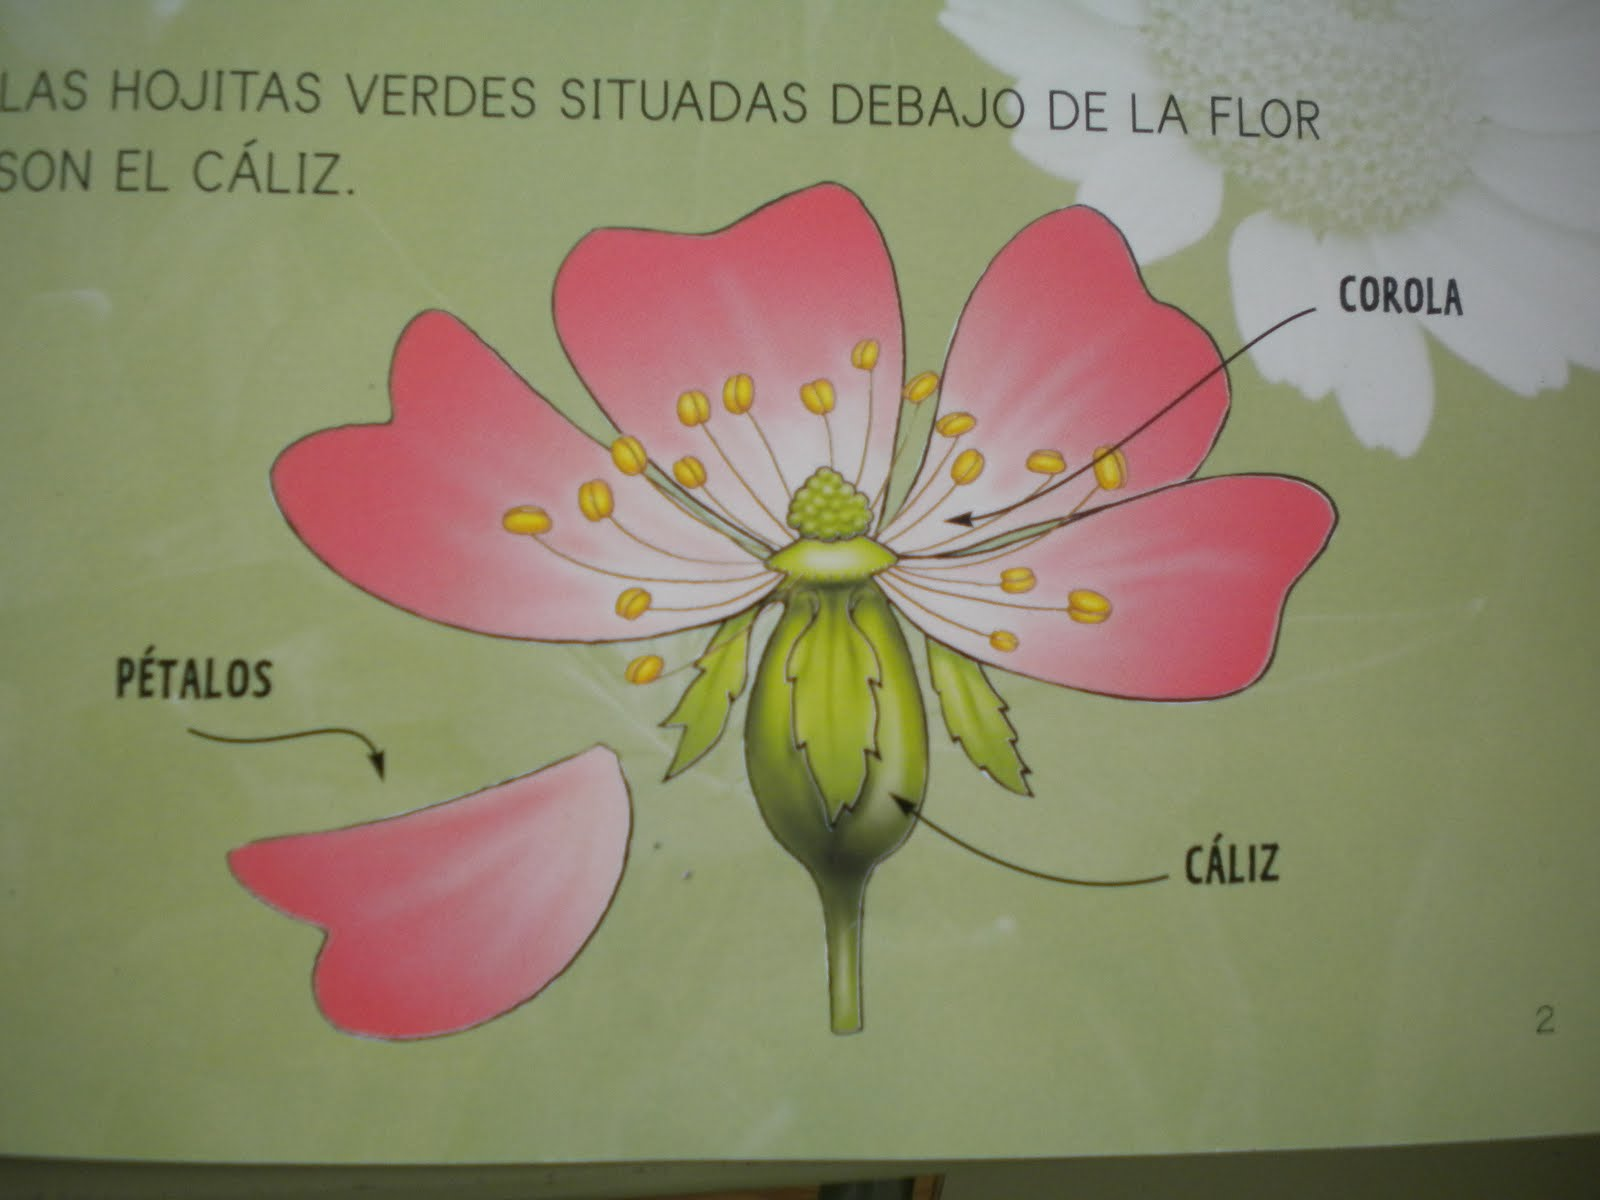 MIL PEQUES DE COLORES: LAS PARTES DE LA PLANTA